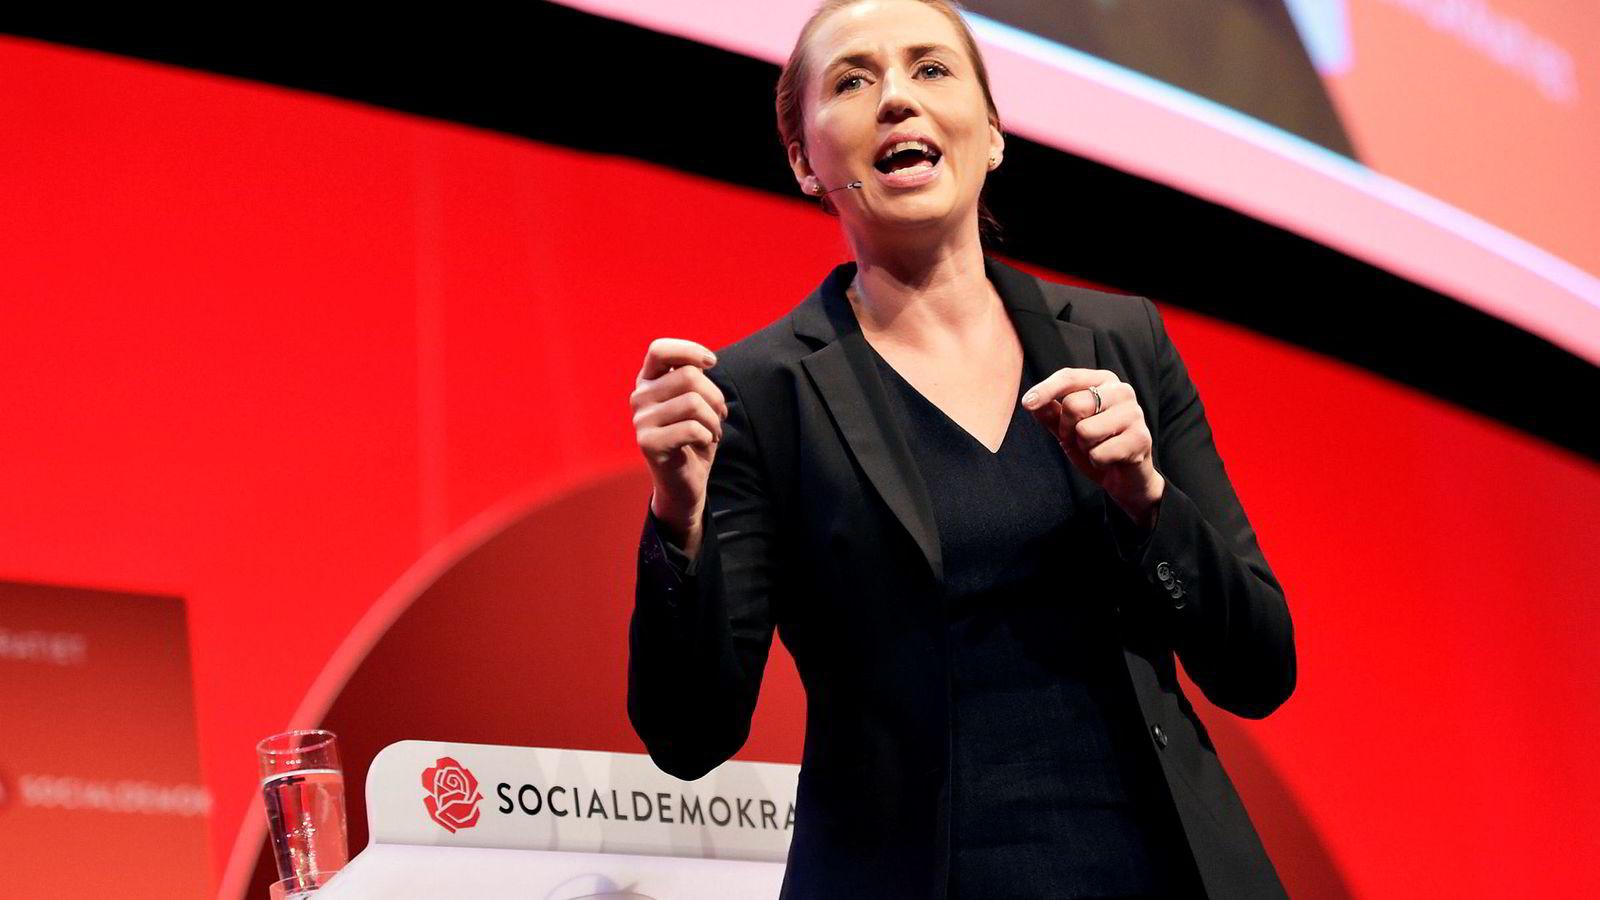 Socialdemokratiets leder Mette Frederiksen (41) er storfavoritt til å bli Danmarks neste statsminister.